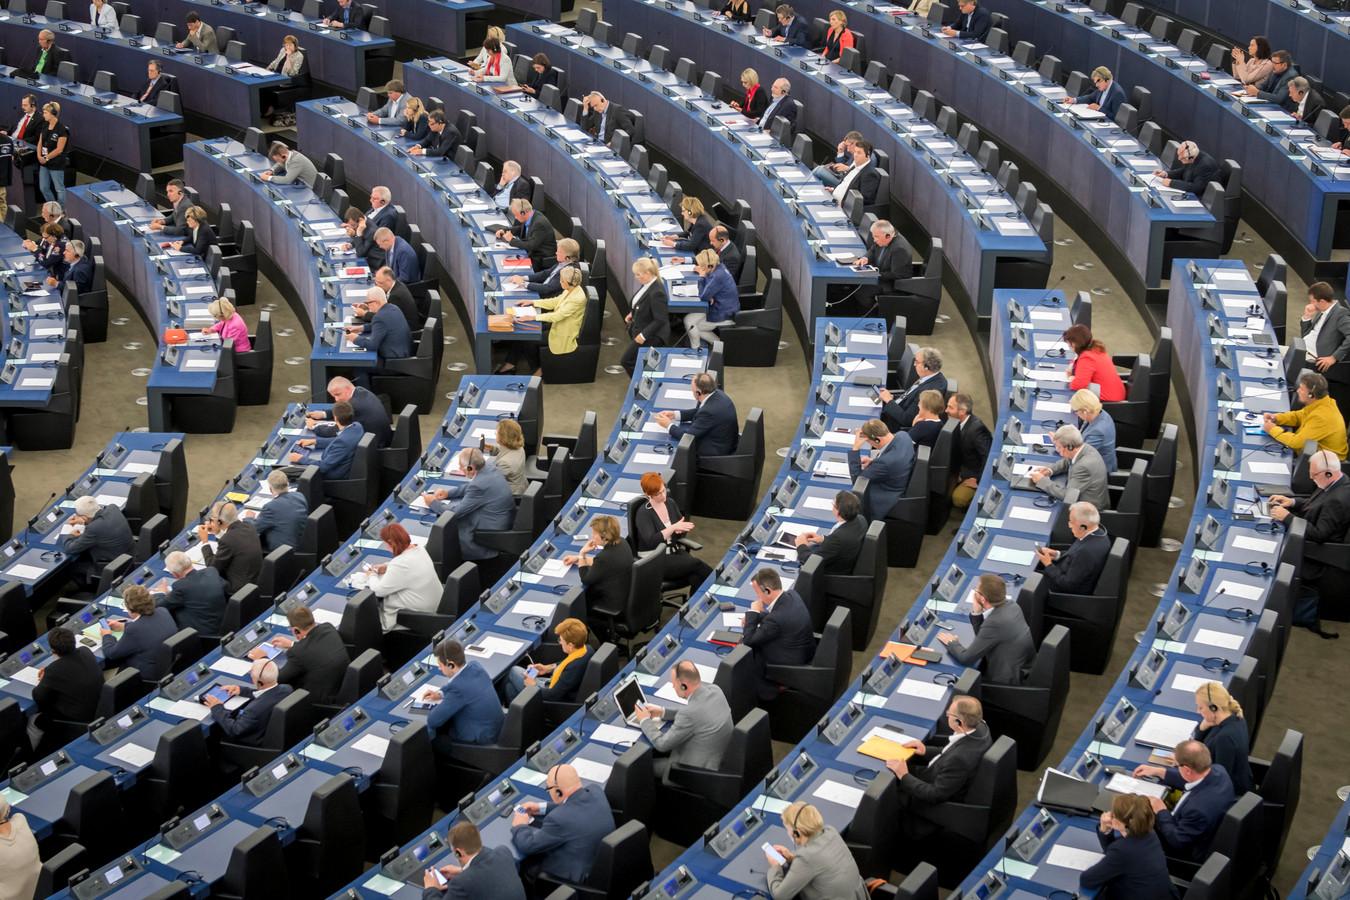 De vergaderzaal van het Europees Parlement in Straatsburg.